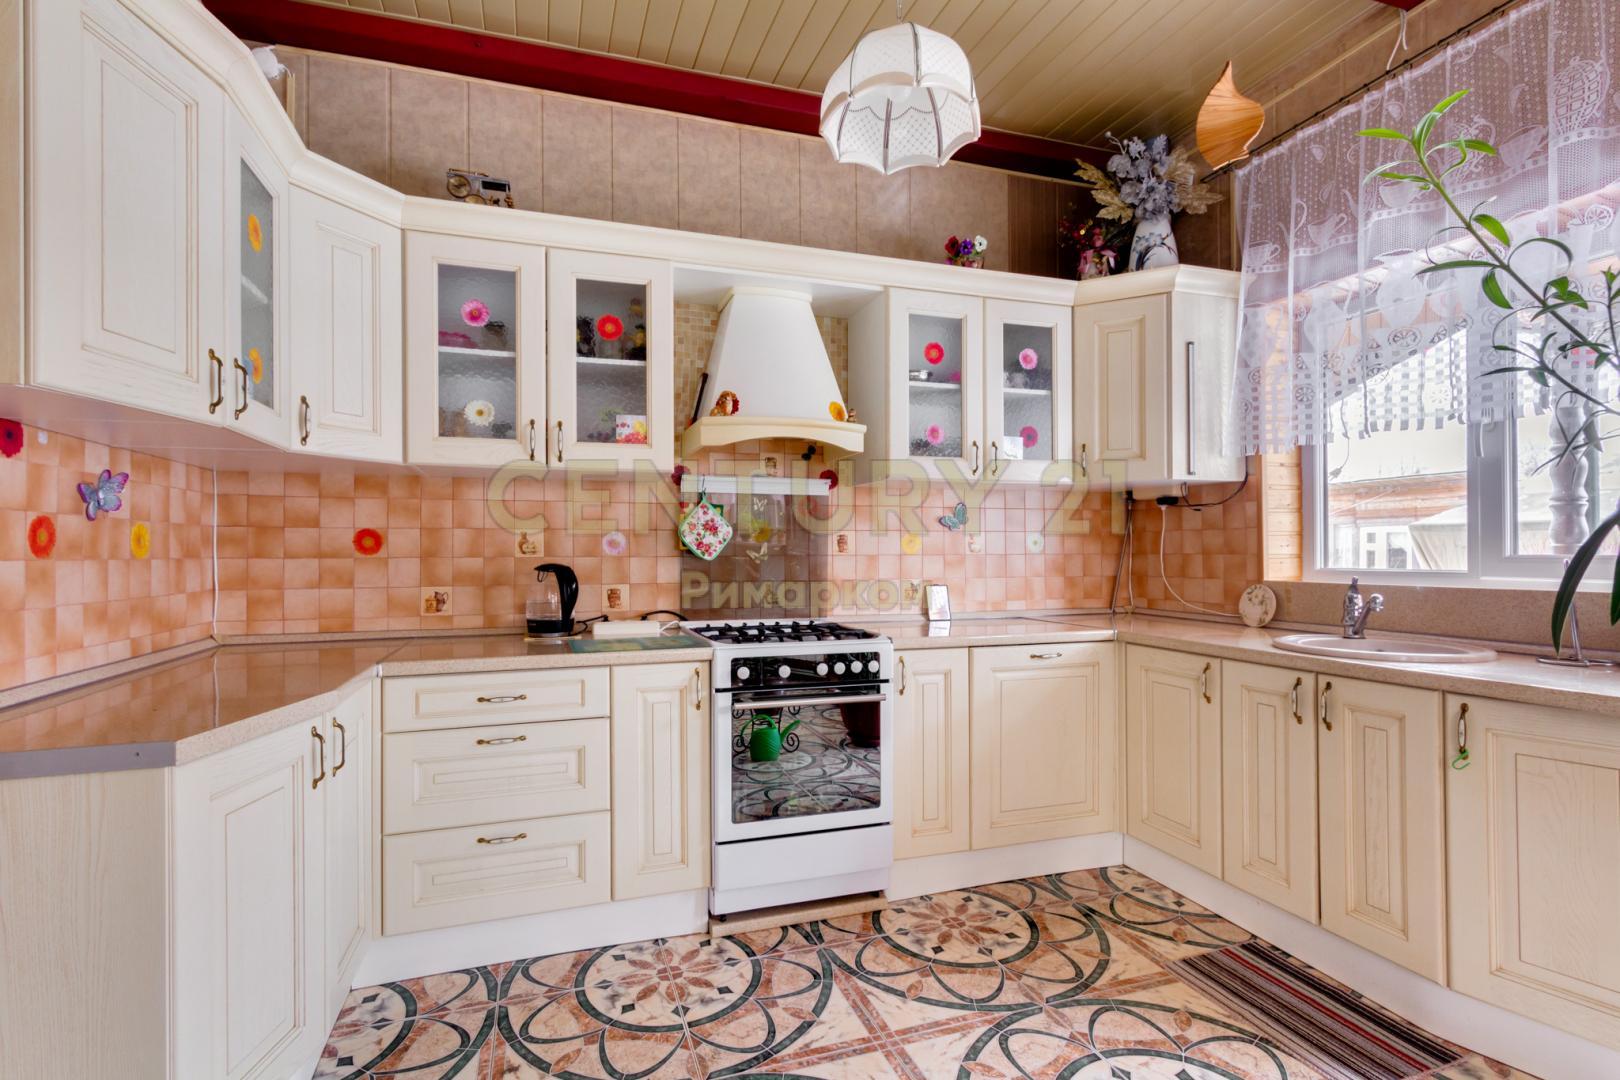 Продам дом по адресу Россия, Троицкий административный округ, Каменка фото 14 по выгодной цене